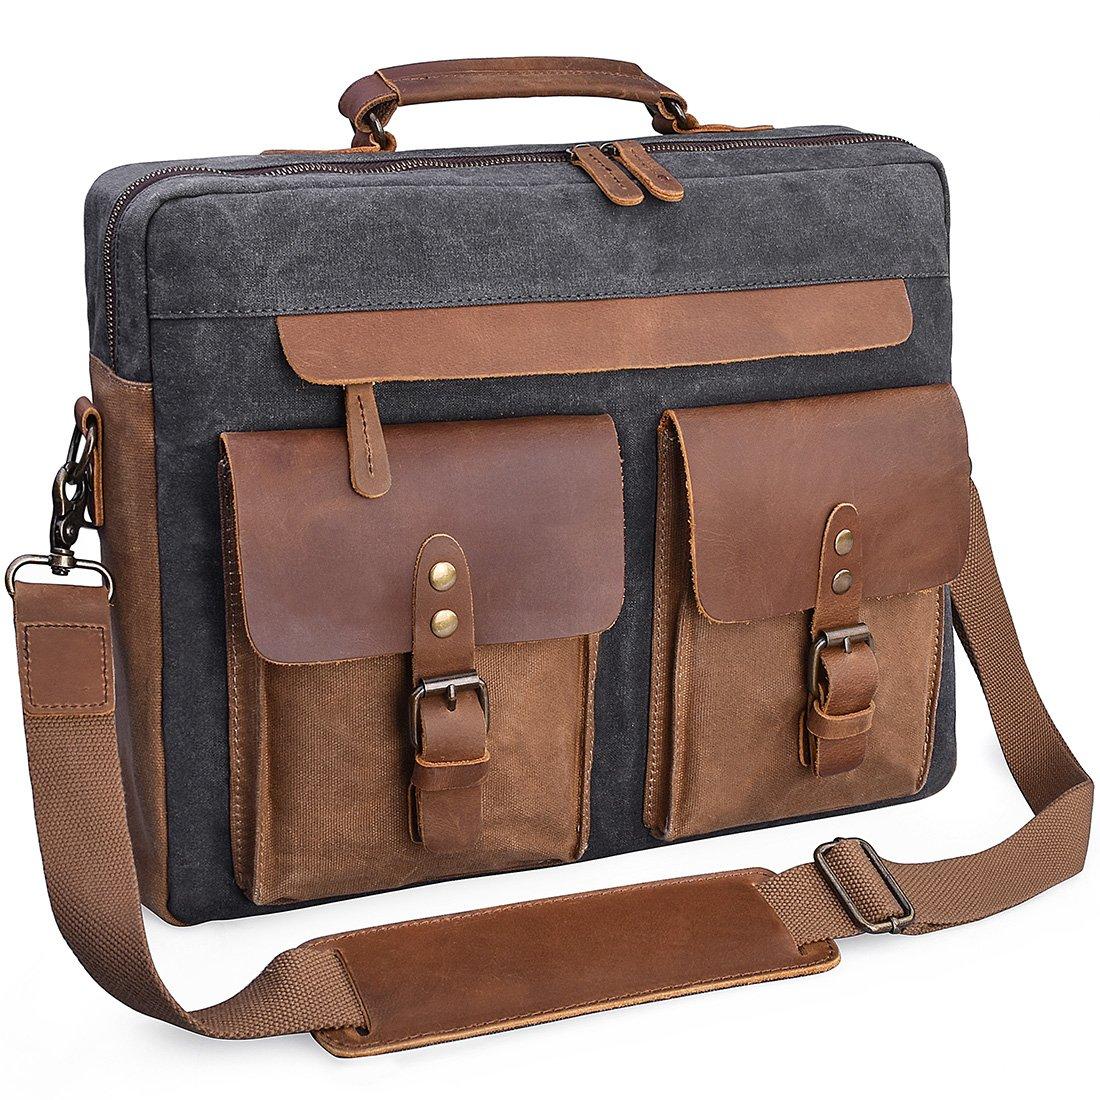 Mens Messenger Bag 15.6 Inch Vintage Genuine Leather Briefcase Waterproof Waxed Canvas Laptop Computer Bag Large Leather Satchel Shoulder Bag Grey